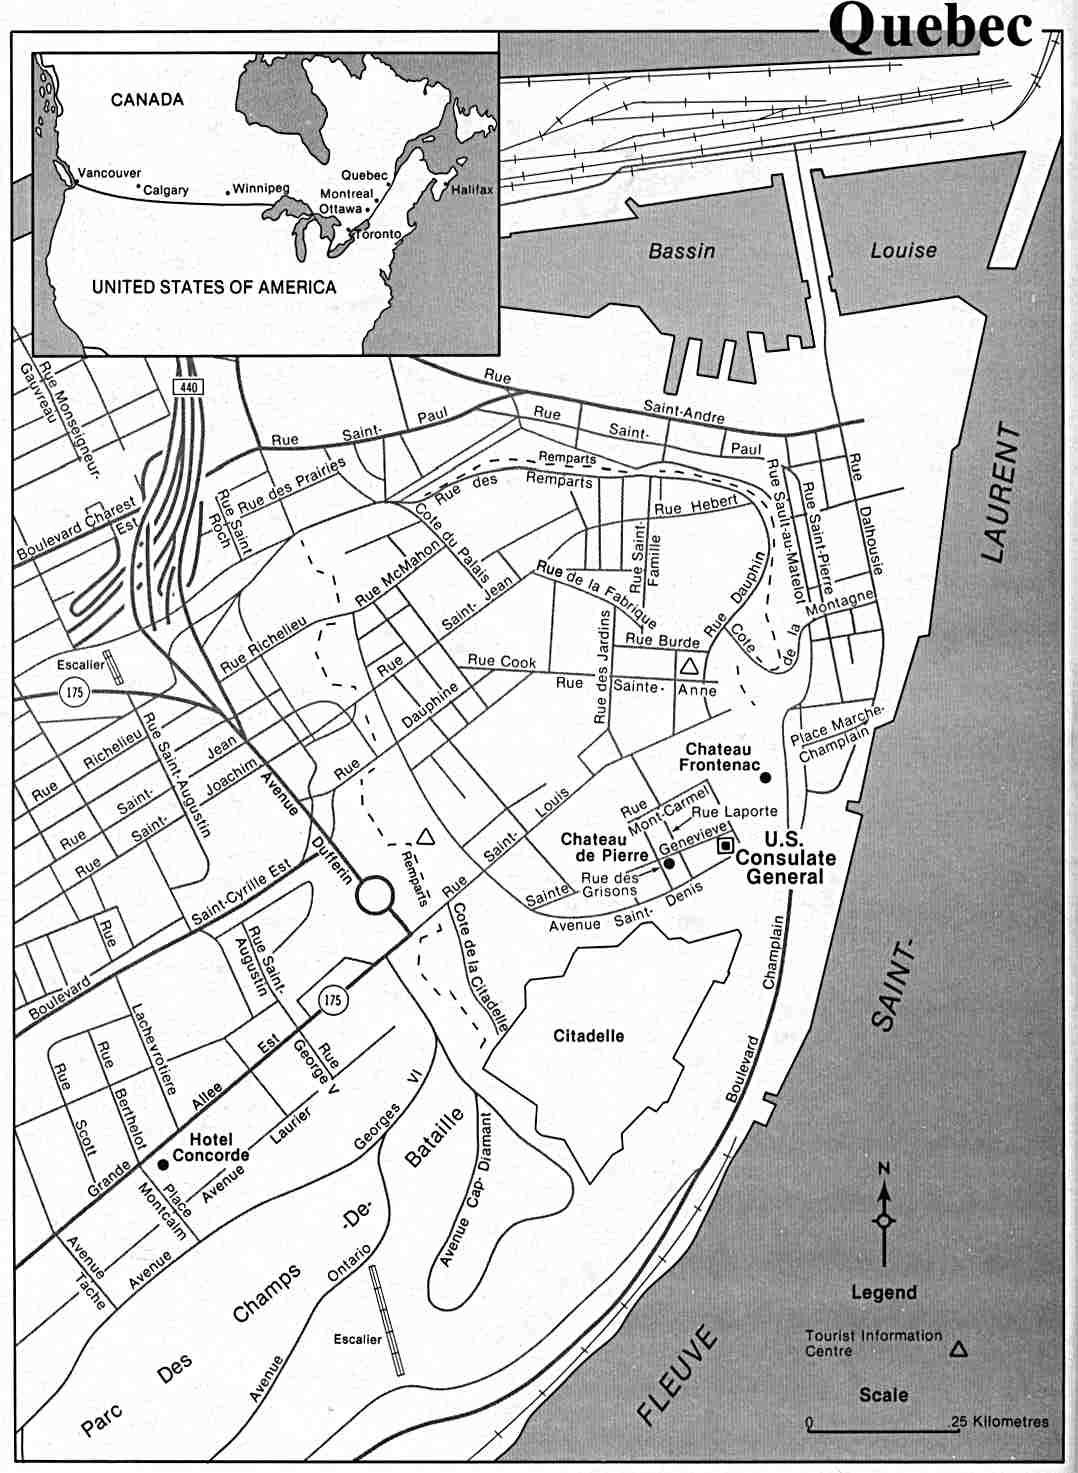 Mapa de la Ciudad de Quebec, Québec, Canadá